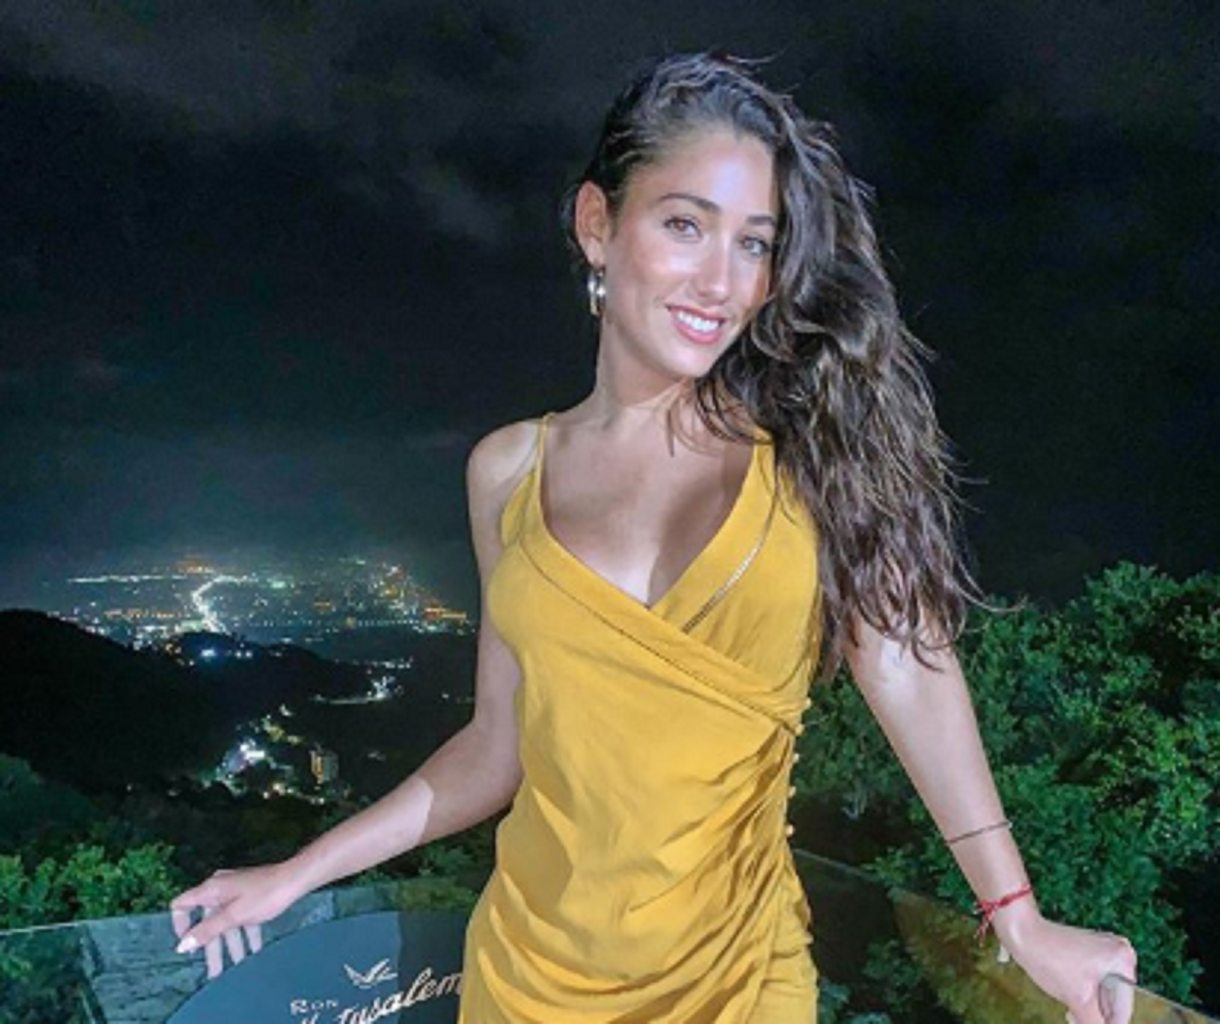 La modelo mexicana tiene 25 años (Foto: Instagram)